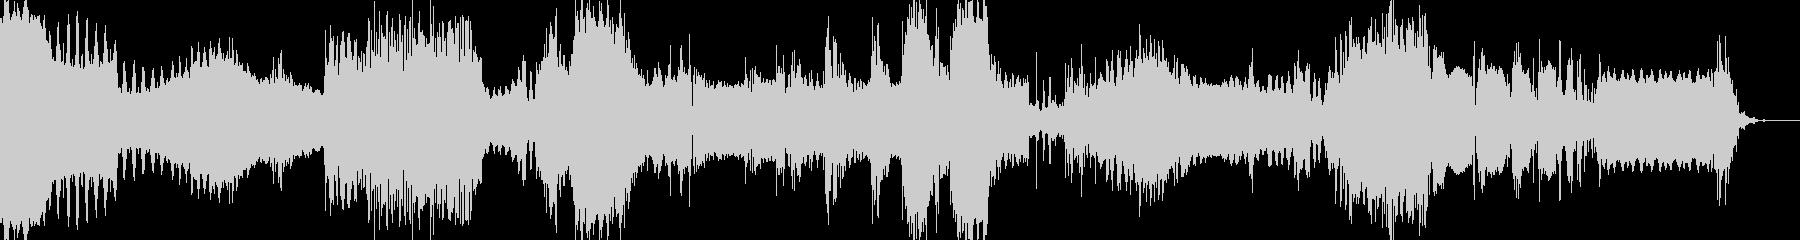 謎の怪電波01の未再生の波形